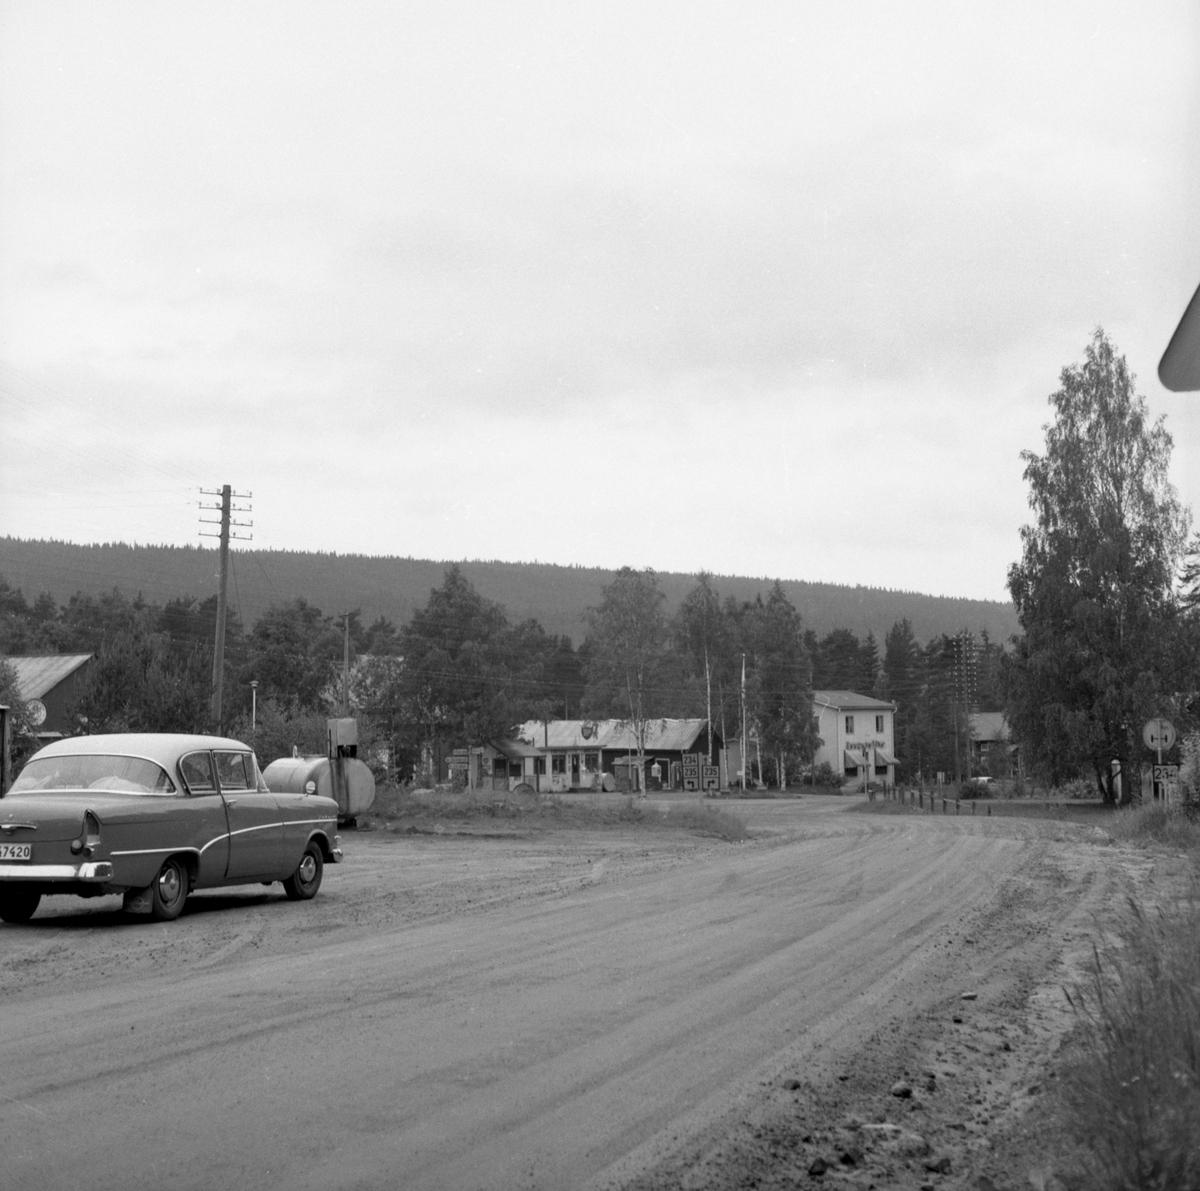 Bilden föreställer infarten till Värnäs från väg E45/E16. Rakt fram ser man BP-macken ägd av Olof Persson. Det stora vita huset inhyste Kooperativa Förbundets affär (Konsum), Koppra i folkmun. Förestods av Ragnhild Persson. Från slutet av 1950-talet: Värnäs, Stöllet.